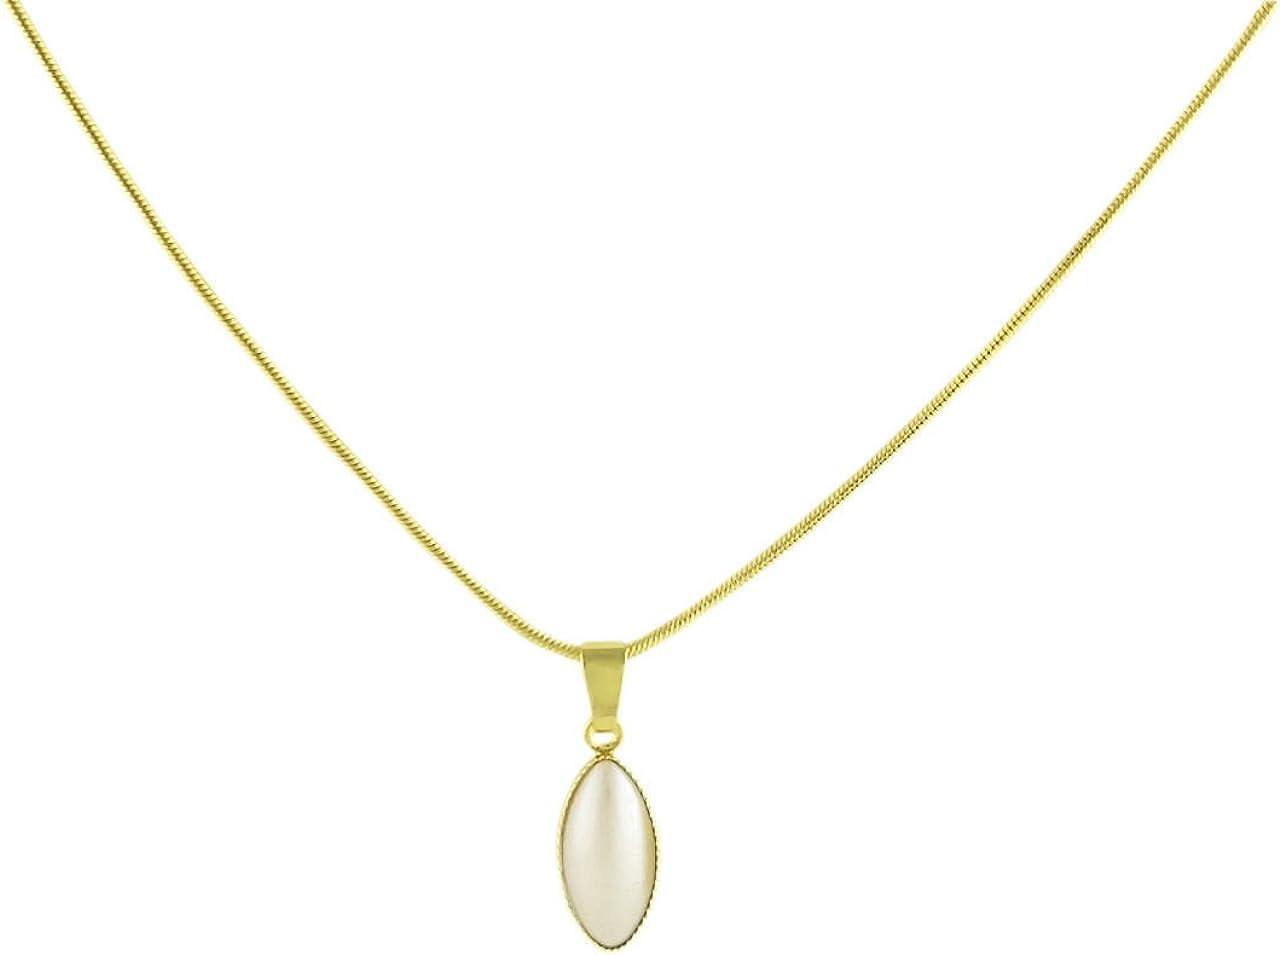 Oro 24K Chapado Oval de Pétalos de Flores Minimalista Colgante, Collar de Serpiente de la Cadena de 42cm de Crema de Perla de Cristal checo de Piedra Hechos a Mano BohemStyle